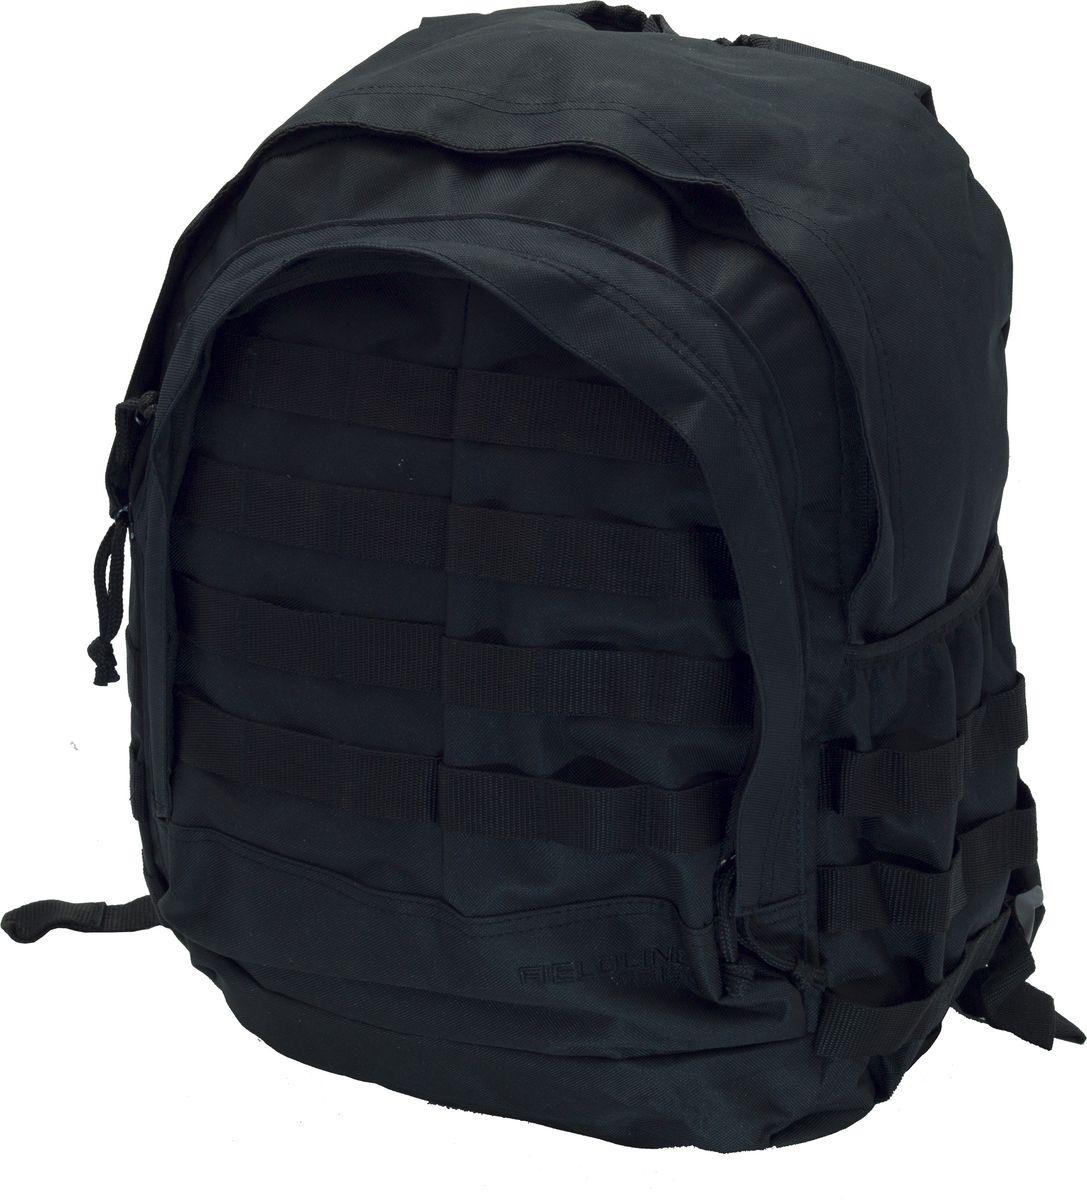 """Рюкзак для охоты Fieldline Patrol Day Pack, цвет: черный20968600319Рюкзак для охоты выполненный из прочной, малошуршащей ткани. Предусмотрена профилированная спинка для комфортного ношения. Рюкзак снабжен боковым карманом для питьевой бутылки, фронтальным карманом с 3-секционным органайзером. Имеет бесшумные пулеры на молнии, """"Y образные плечевые ремни с центральной регулировочной поперечной утяжкой.Боковые стороны рюкзака имеют стропы для крепления дополнительного снаряжения."""